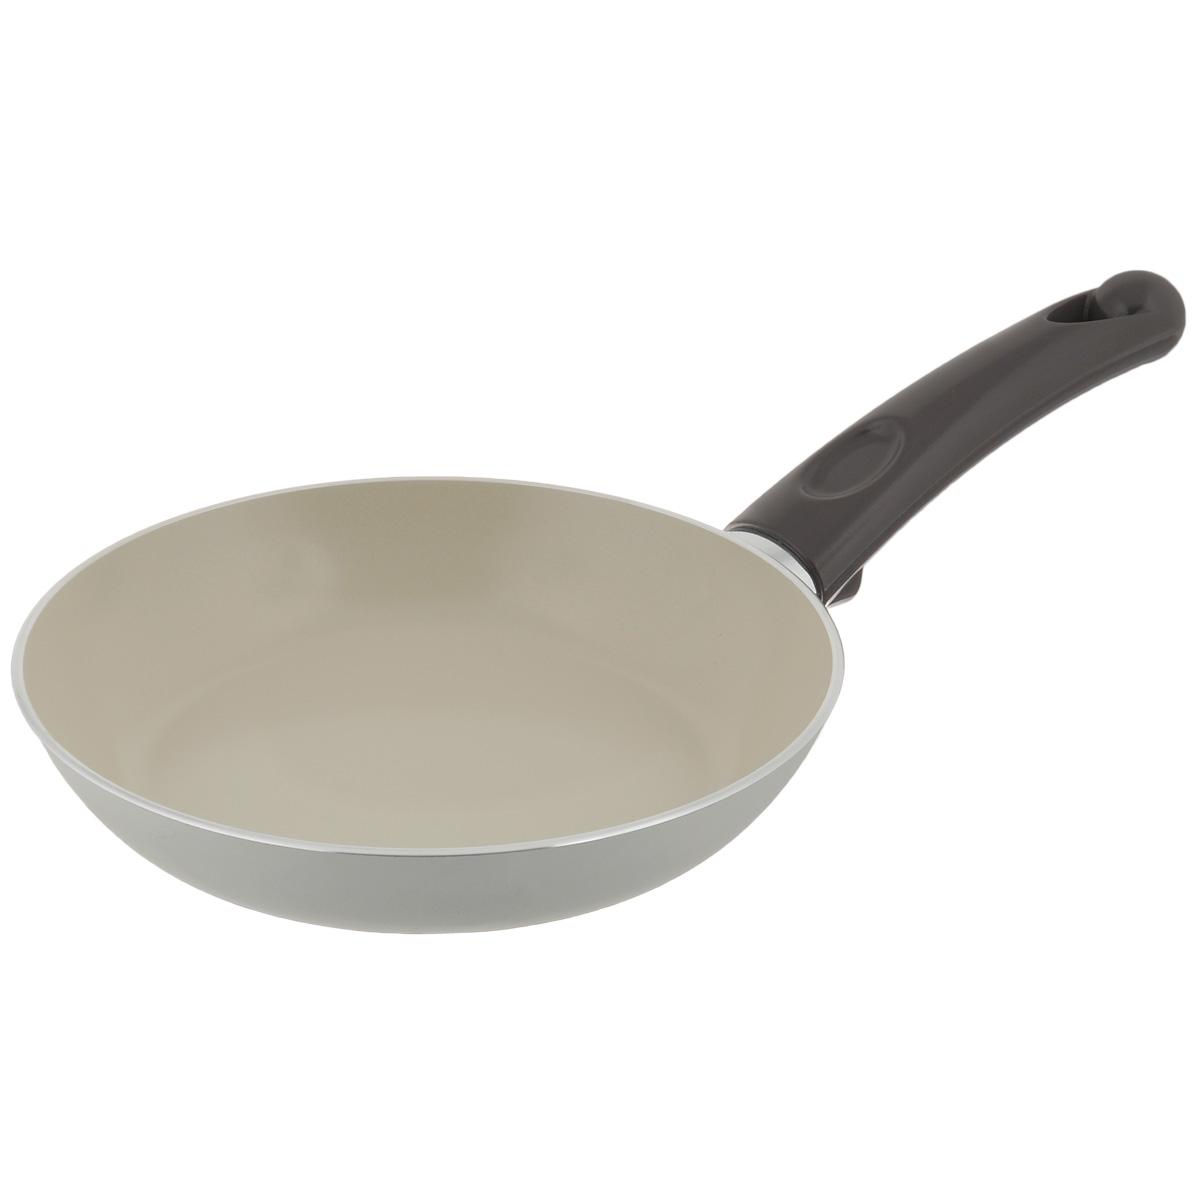 Сковорода TVS Bianca, с антипригарным покрытием, цвет: молочный. Диаметр 20 см391602Сковорода TVS Bianca выполнена из алюминия с внешним эмалированным покрытием молочного цвета и обладает превосходной теплопроводностью. Идеально подходит для жарки и тушения небольших порций блюд. Внутреннее антипригарное керамическое покрытие Ceramit позволяет готовить пищу с минимальным количеством масла.Эргономичная ручка, изготовленная из бакелита, имеет плавные формы, которые подчеркивают стиль сковороды.Сковорода TVS Bianca изготовлена из экологичных материалов, что делает ее пригодной для приготовления пищи детям.Подходит для всех видов плит, кроме индукционных.Можно мыть в посудомоечной машине.Коллекция посуды Bianca - серия кухонной посуды с керамическим покрытием Ceramit. Отличается своей экологичностью и непревзойденной непористой гладкой антипригарной поверхностью молочного цвета. Компания TVS была основана в 1968 году. Основными принципами, которых придерживается компания, являются экологическая безопасность производства, использование новейших материалов и технологий, а также всесторонний учет потребностей рынка. Посуда TVS (Италия) - это превосходное решение для любой современной кухни, способное создать по-настоящему комфортные условия для приготовления пищи. Диаметр сковороды: 20 см. Высота стенки: 3 см.